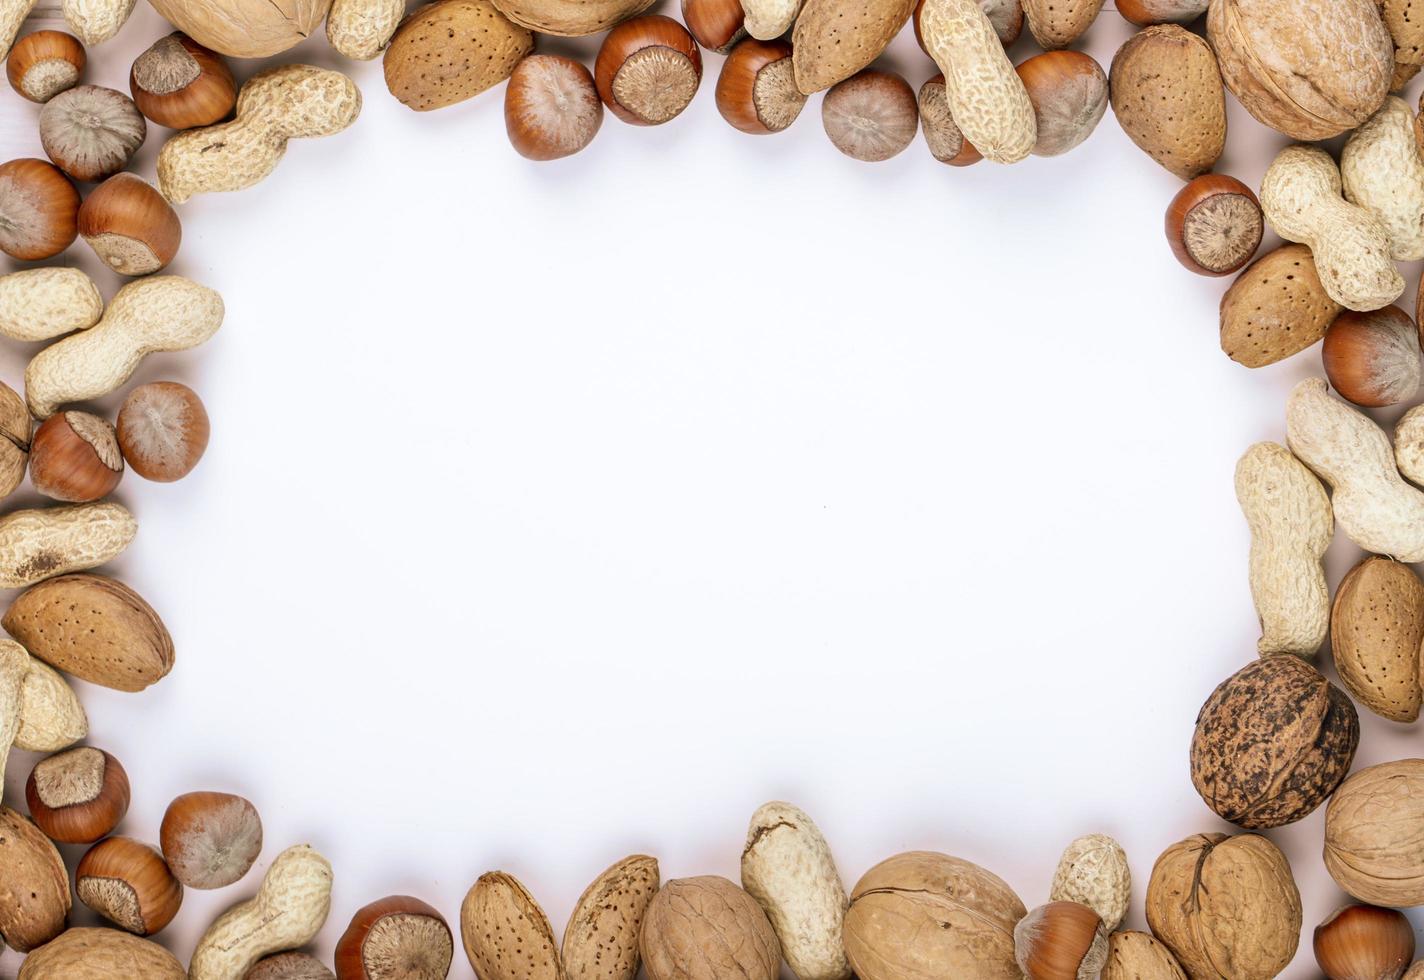 vista dall'alto di noci miste in guscio nocciole arachidi noci e mandorle su sfondo bianco con spazio di copia foto